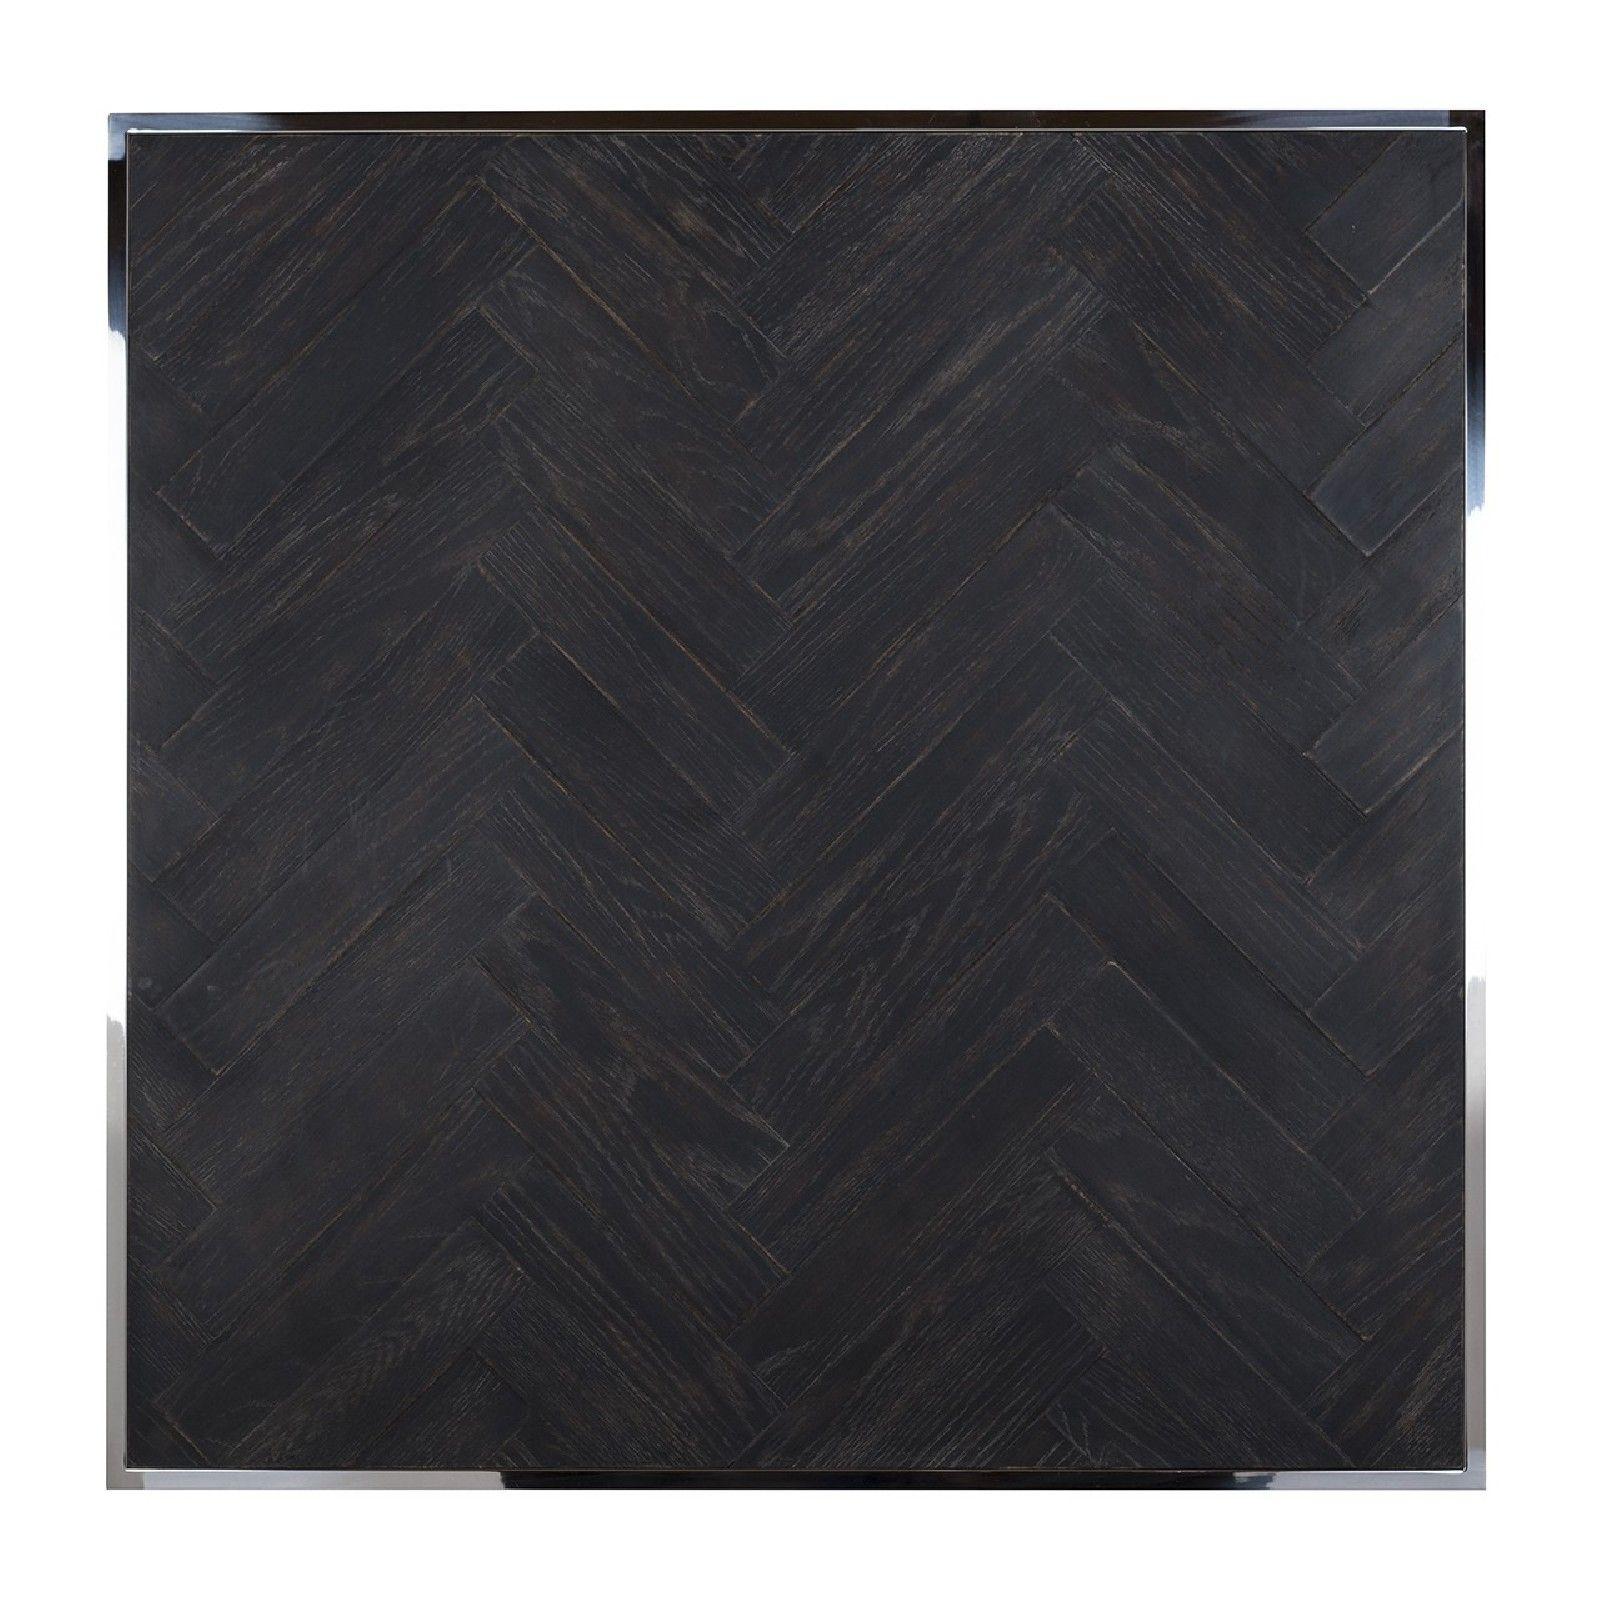 Table de salon Blackbone silver 90x90 Tables basses rectangulaires - 534